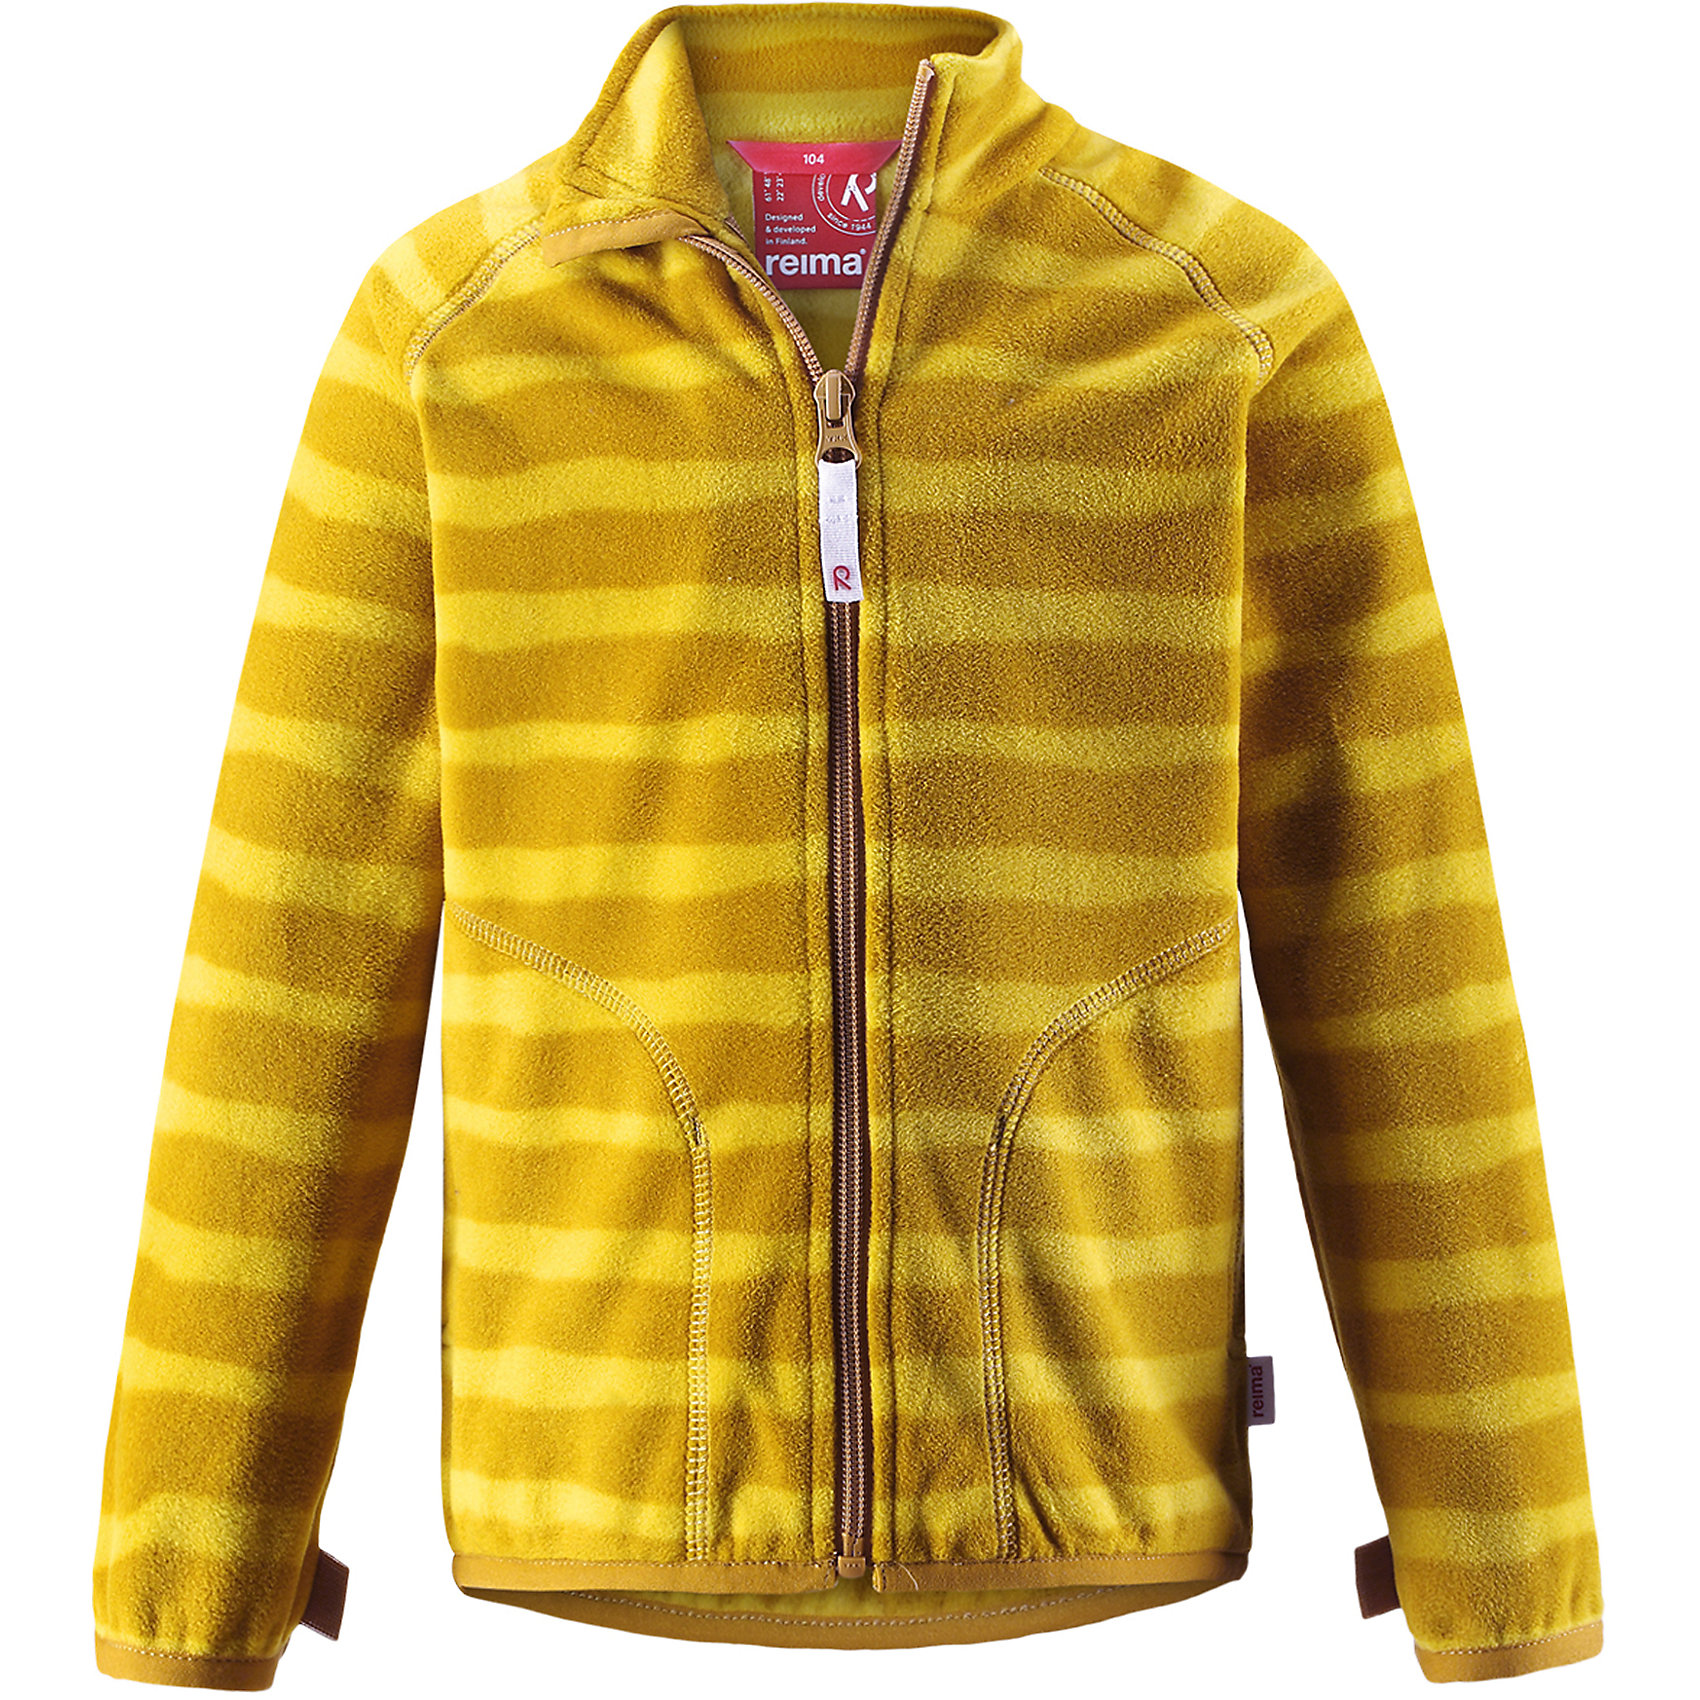 Флисовая кофта Reima SteppeТолстовки<br>Характеристики товара:<br><br>• цвет: желтый;<br>• состав: 100% полиэстер;<br>• сезон: зима;<br>• застежка: молния по всей длине с защитой подбородка;<br>• выводит влагу наружу;<br>• теплый, легкий и быстросохнущий флис;<br>• может пристегиваться к верхней одежде Reima® кнопками Play Layers®;<br>• эластичные манжеты и подол;<br>• два боковых кармана;<br>• страна бренда: Финляндия;<br>• страна изготовитель: Китай.<br><br>Супер удобная детская флисовая куртка превосходно послужит в качестве промежуточного слоя в морозные зимние дни – она теплая и очень мягкая на ощупь. Эта куртка изготовлена из легкого полярного флиса, дышащего и быстросохнущего материала. <br><br>Молния во всю длину облегчает надевание, а защита для подбородка не дает поцарапать молнией шею и подбородок. Практичную флисовую куртку легко можно пристегнуть к любой верхней одежде Reima®, оснащенной системой кнопок Play Layers®. Два боковых кармана и украшение в виде яркого рисунка.<br><br>Флисовая кофта Reima Steppe от финского бренда Reima (Рейма) можно купить в нашем интернет-магазине.<br><br>Ширина мм: 190<br>Глубина мм: 74<br>Высота мм: 229<br>Вес г: 236<br>Цвет: желтый<br>Возраст от месяцев: 108<br>Возраст до месяцев: 120<br>Пол: Унисекс<br>Возраст: Детский<br>Размер: 140,92,98,104,110,116,122,128,134<br>SKU: 6901949